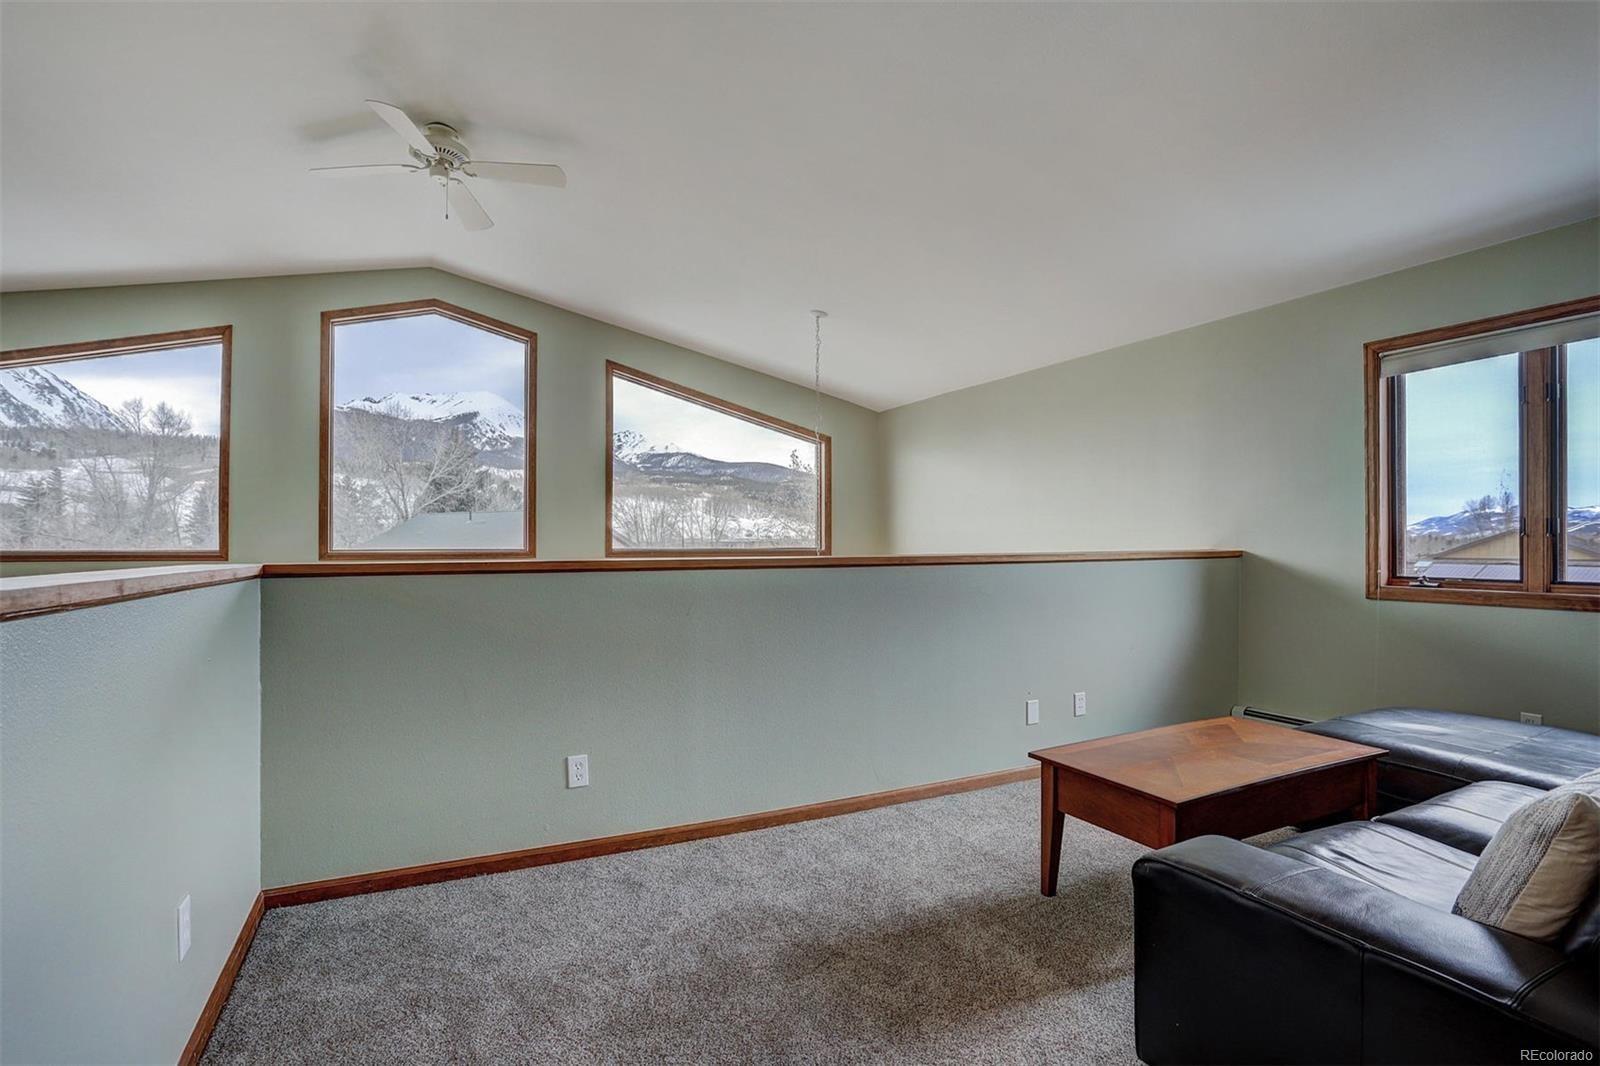 MLS# 6560106 - 10 - 1105 Mesa Drive, Silverthorne, CO 80498